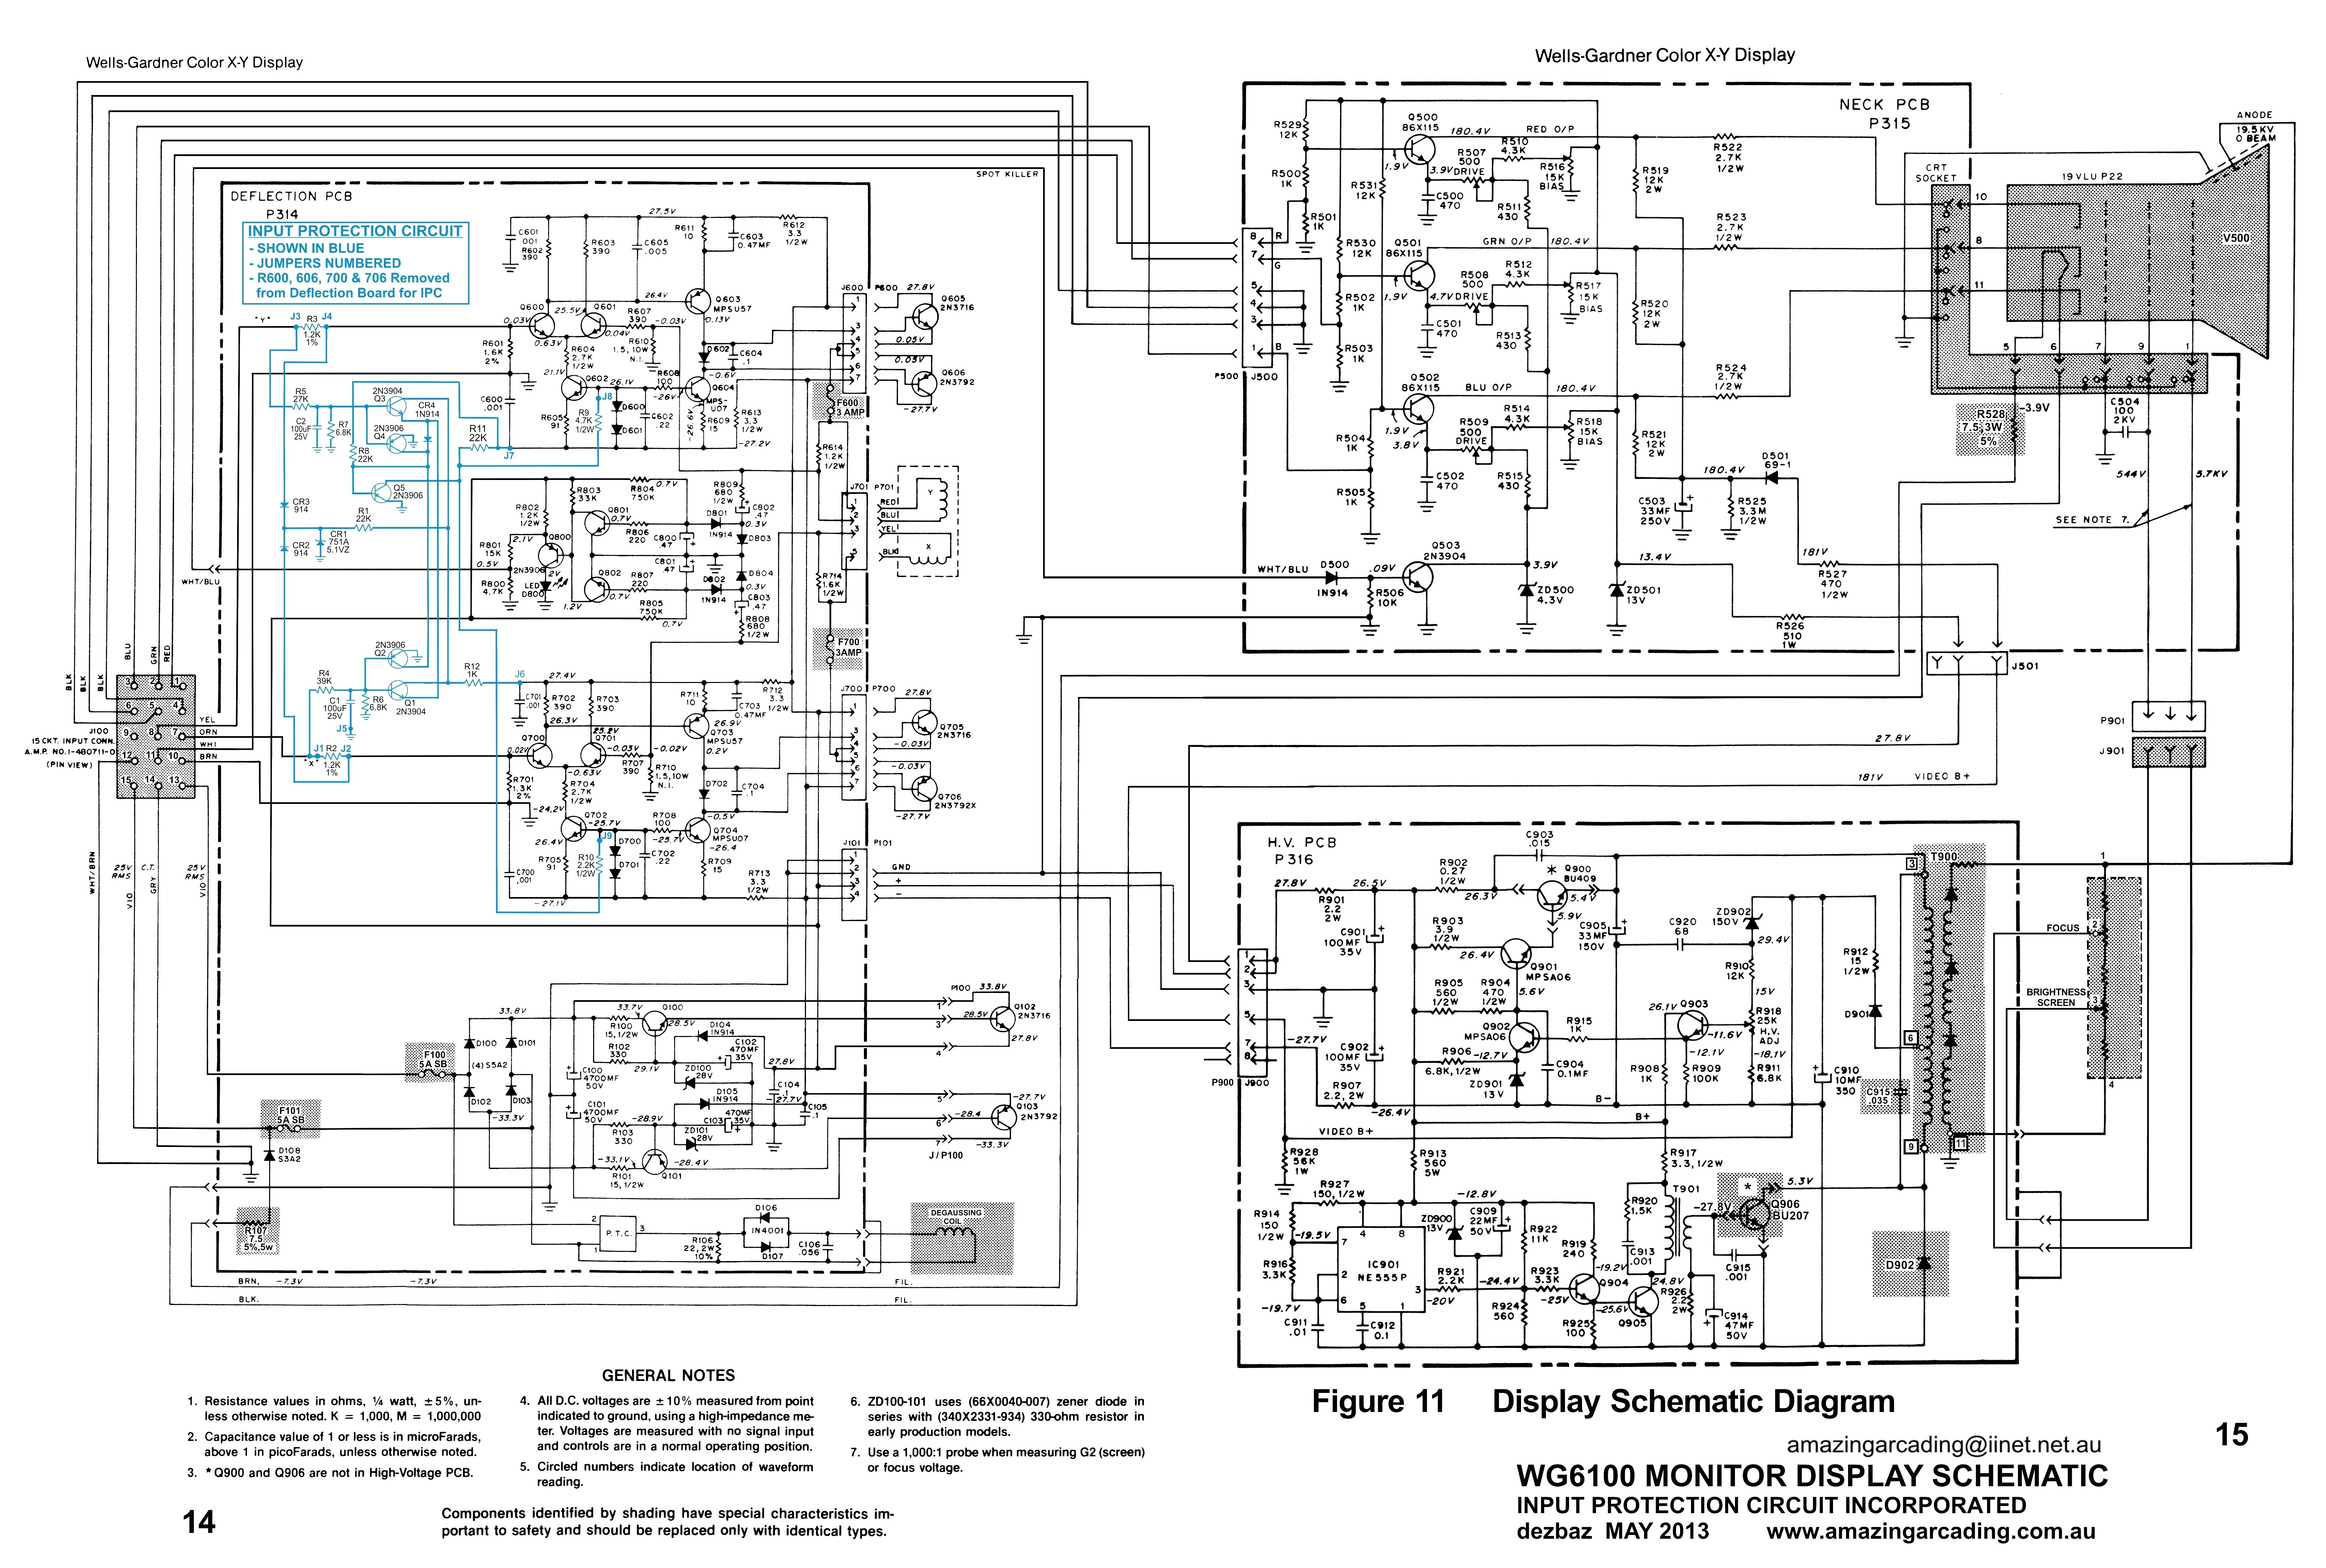 WG6100_Whole_P314_P315_P316 400dpi IPC_Incorp Wider2 dezbaz's wg6100 monitor page